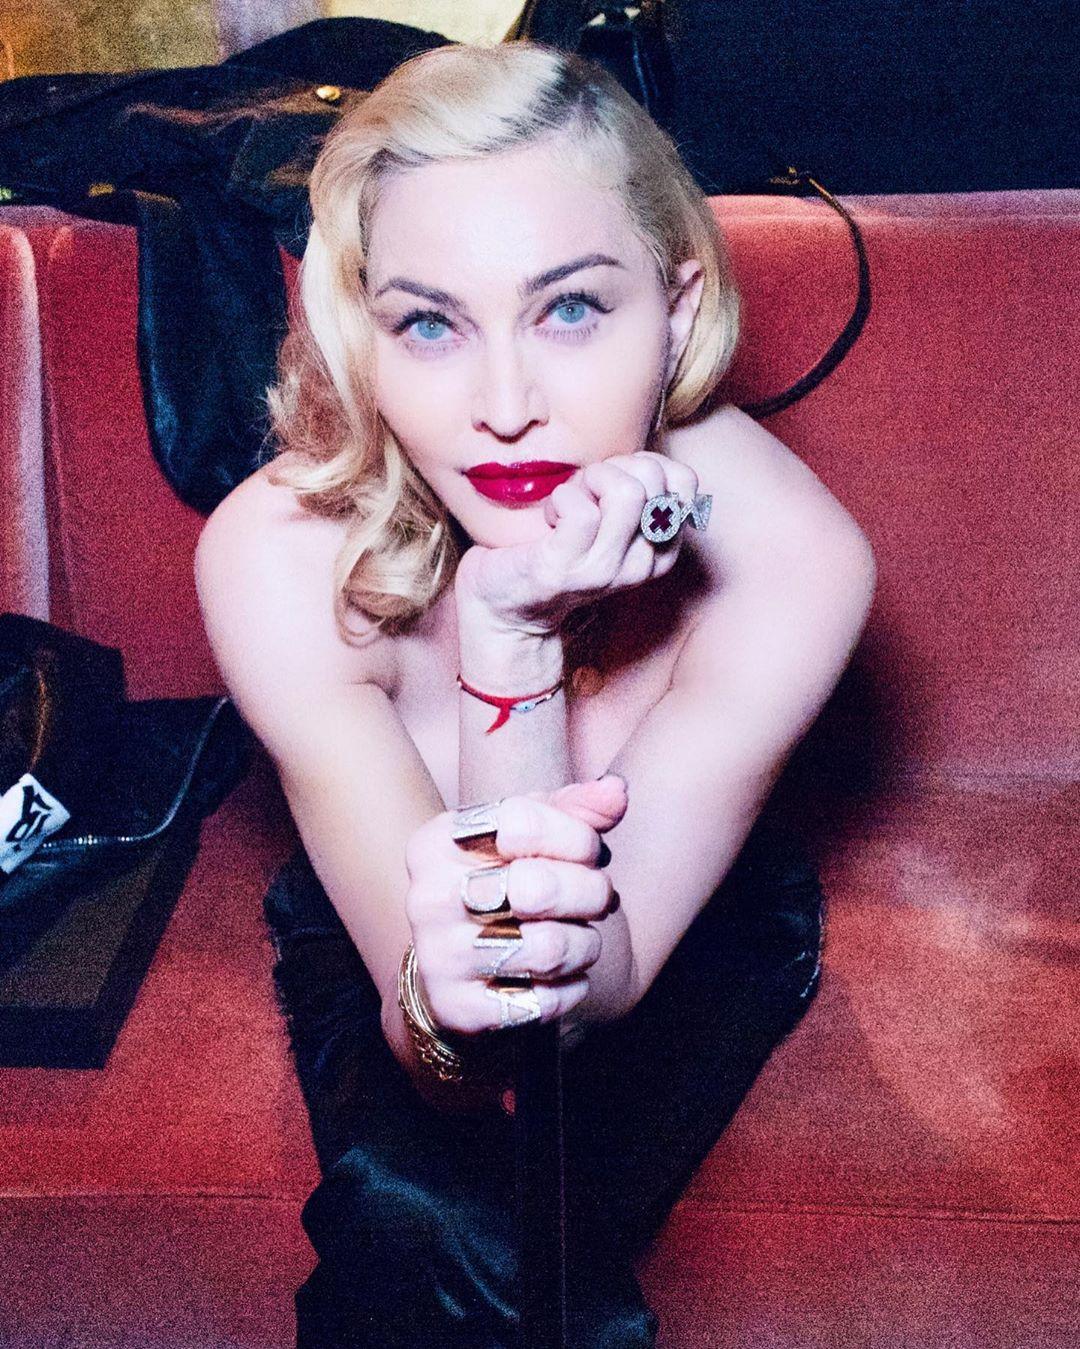 Η Madonna ανακάλυψε ότι έχει αντισώματα στον κορονοϊό και ετοιμάζεται να αρχίσει τις βόλτες